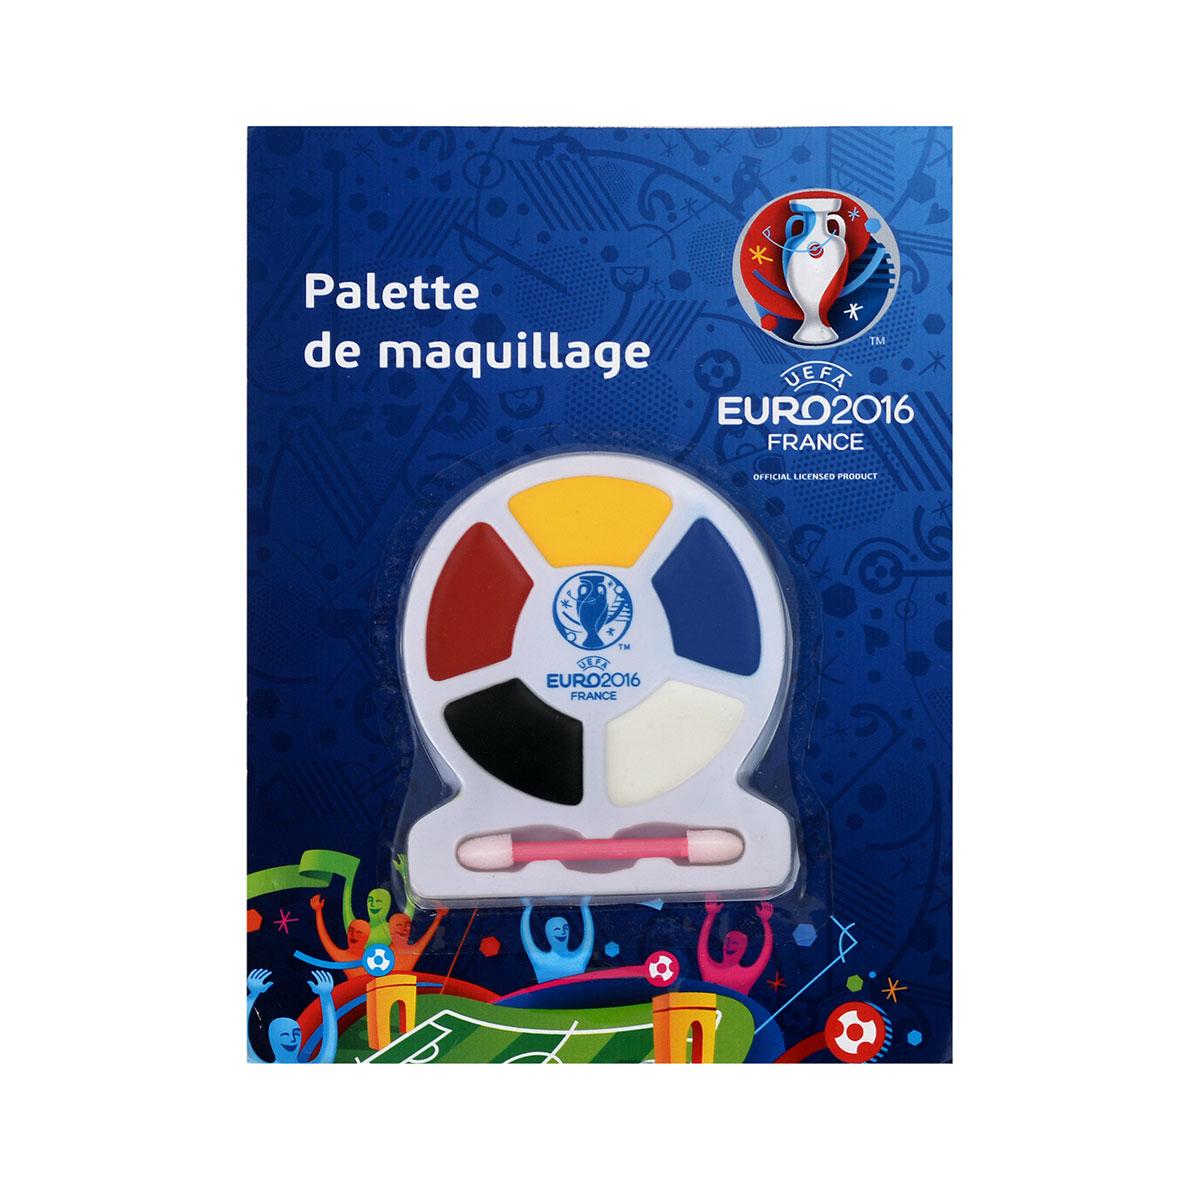 Palette de maquillage - UEFA EURO 2016